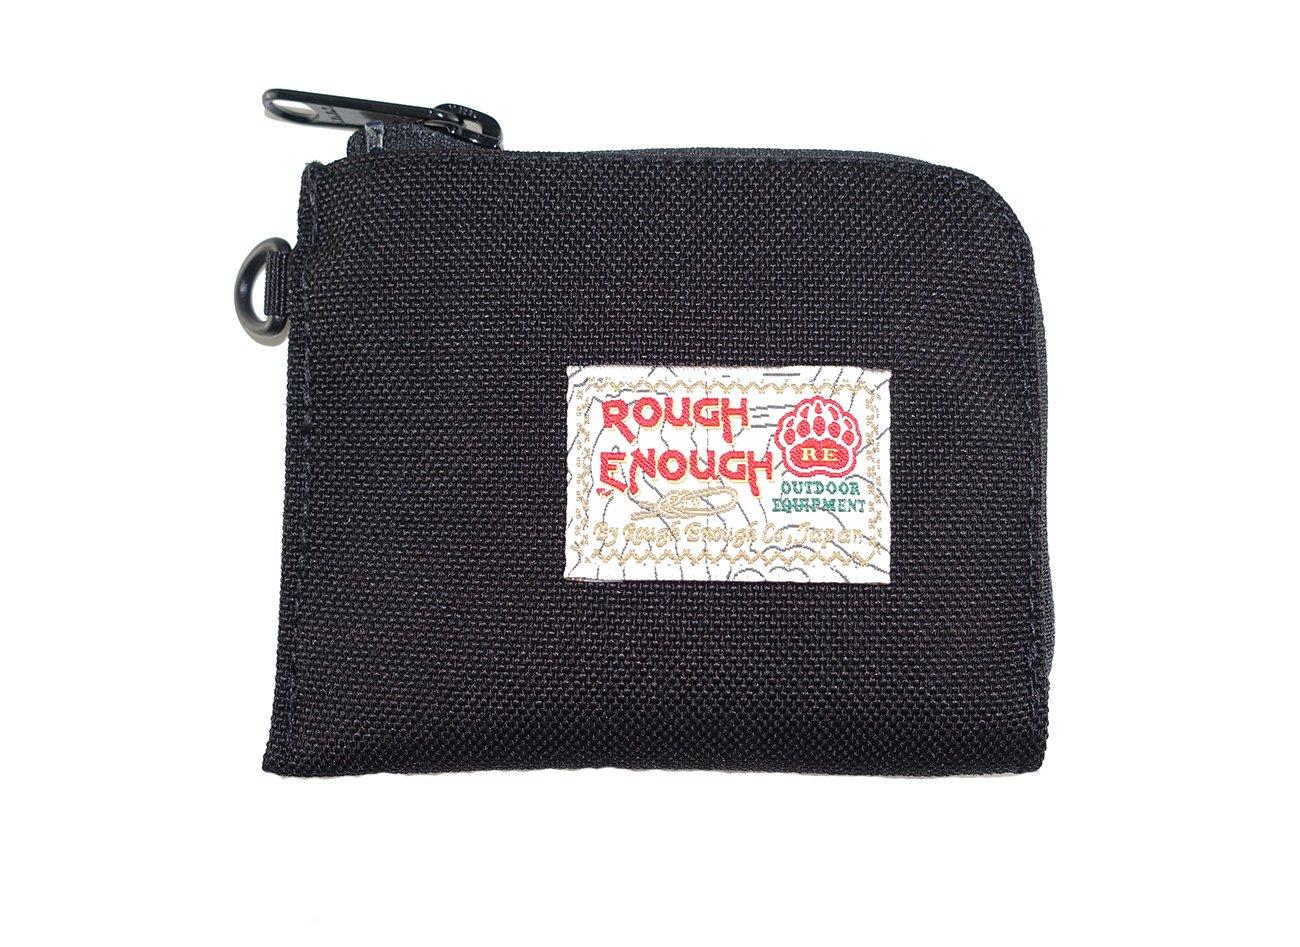 Rough Assez 3fonctionnelle Petite pochette pour monnaie/carte de crédit/papier note fête Poche camouflage ROUGH ENOUGH INC. RE8323